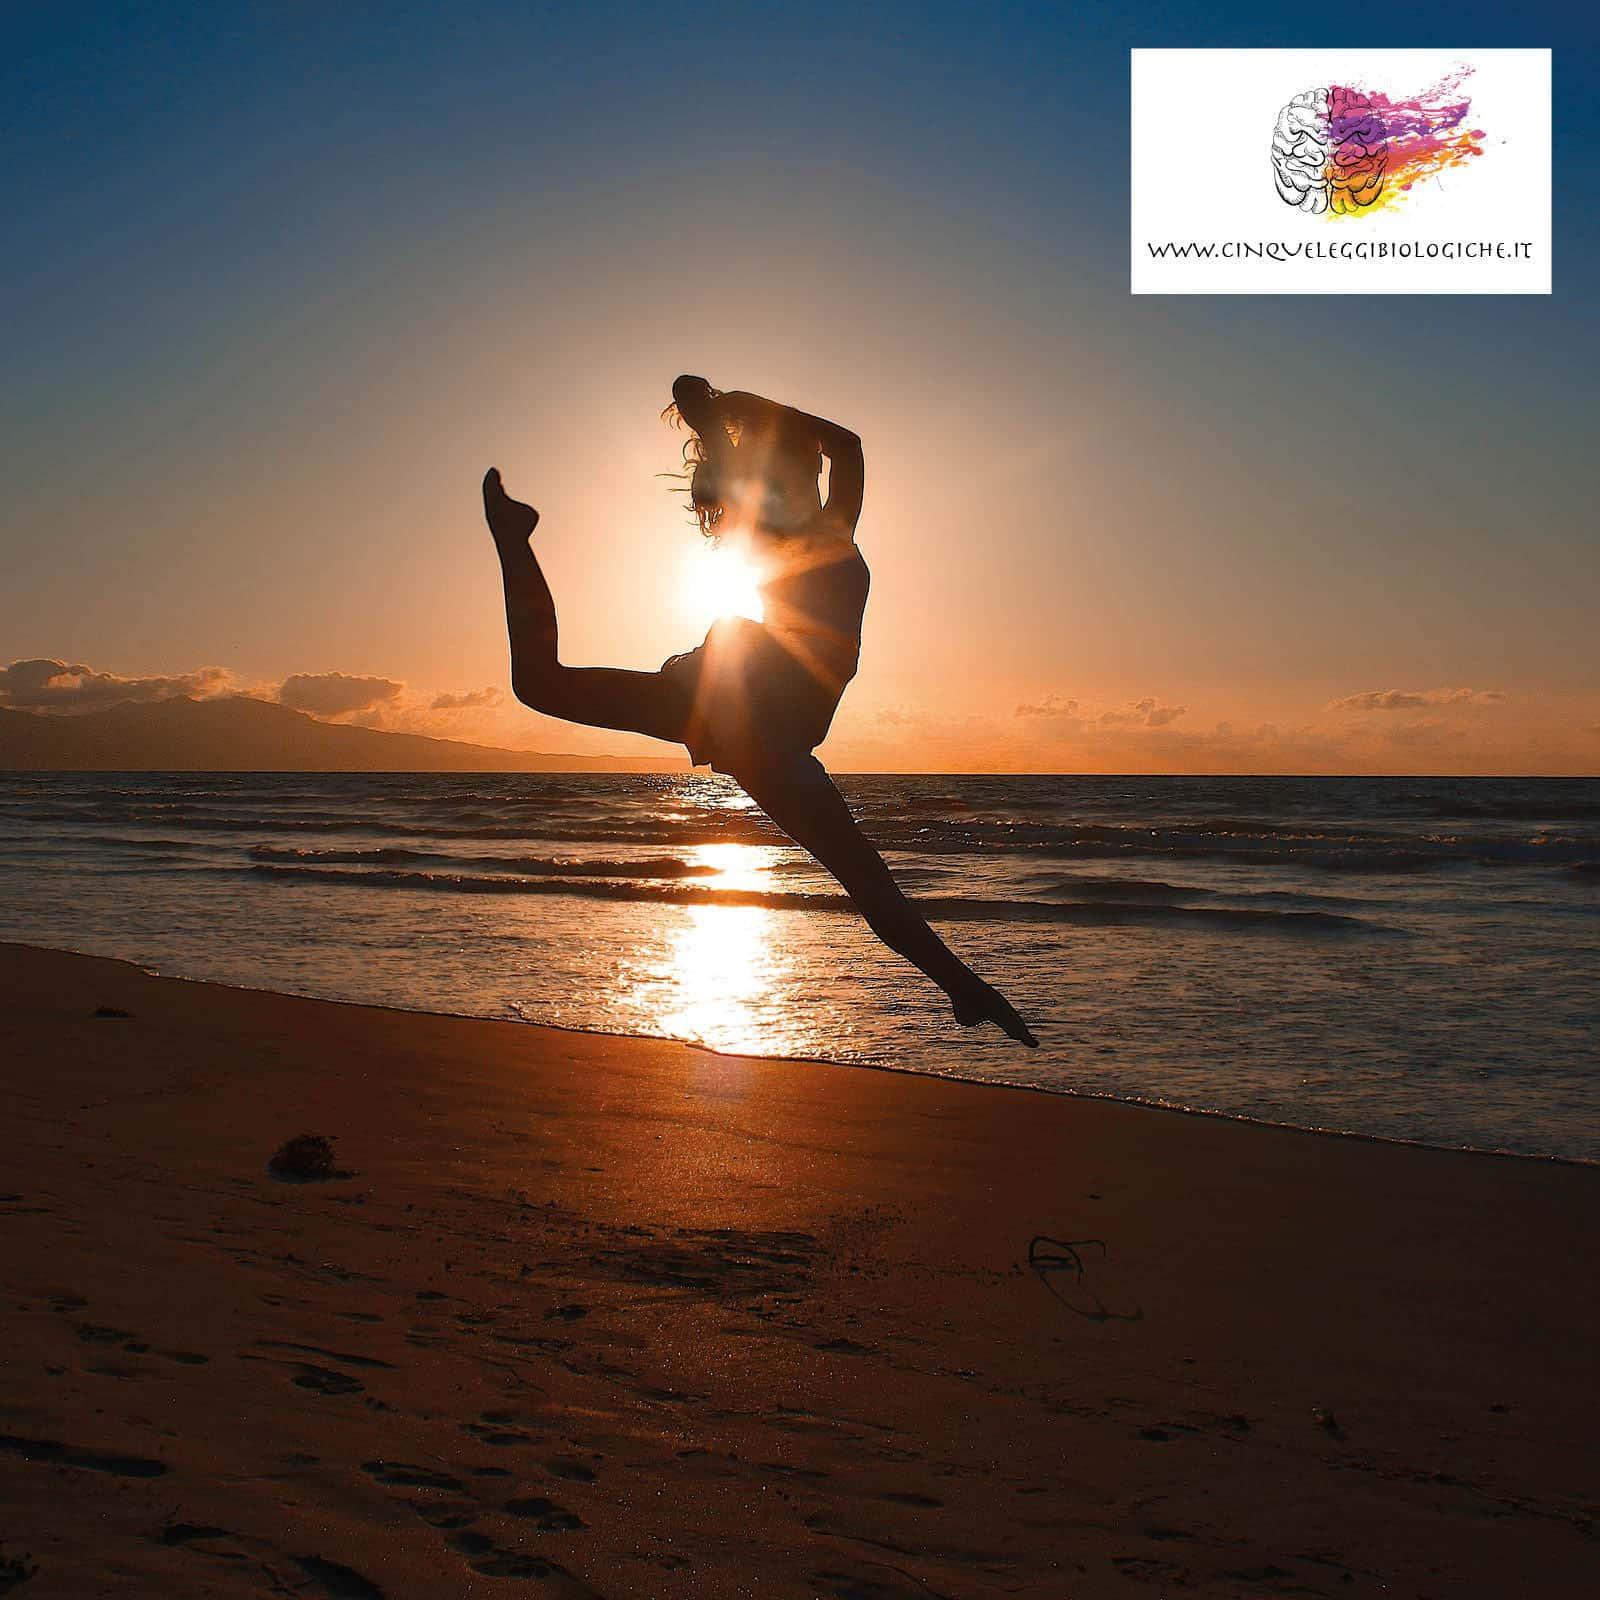 dancer_cinqueleggibiologiche_marco_meini